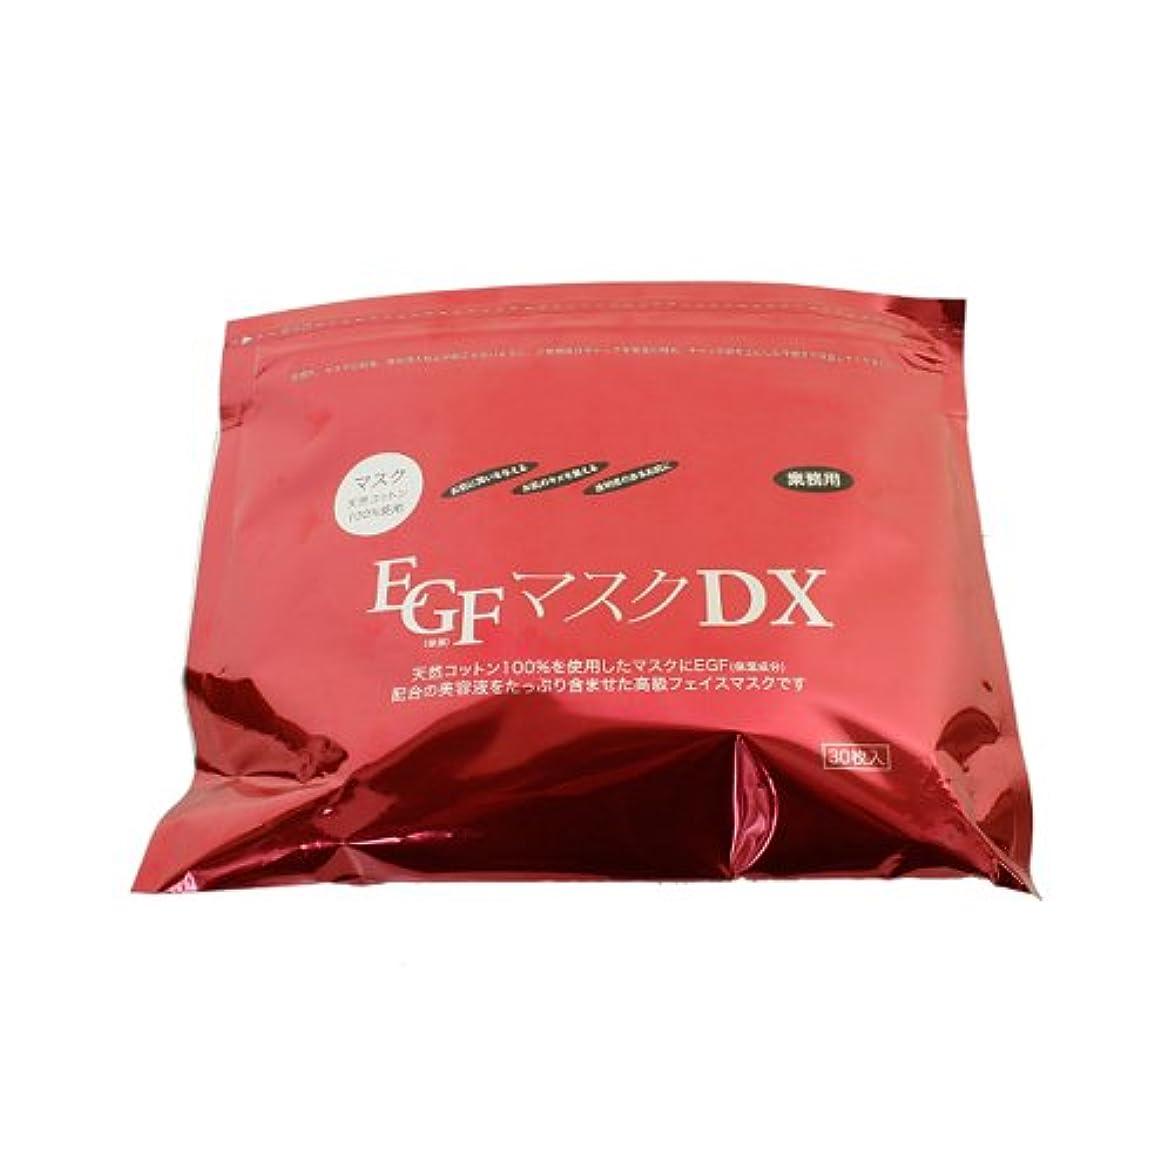 薄暗い防腐剤破壊的なEGFマスクDX 30枚×4袋